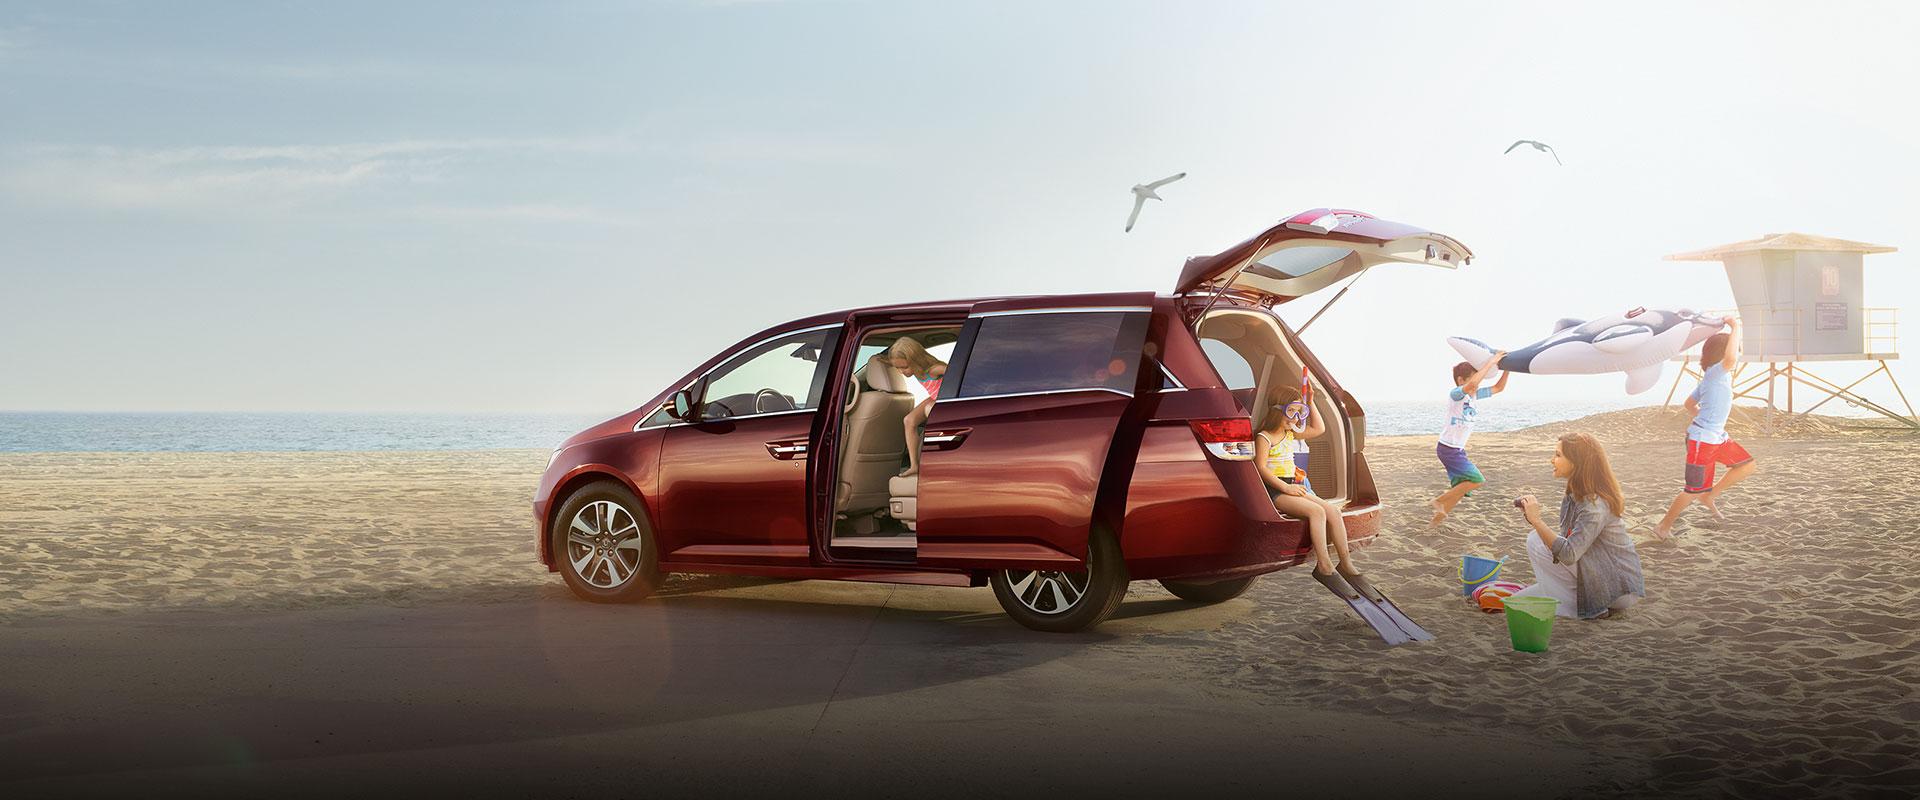 2017 Honda Odyssey tailgate